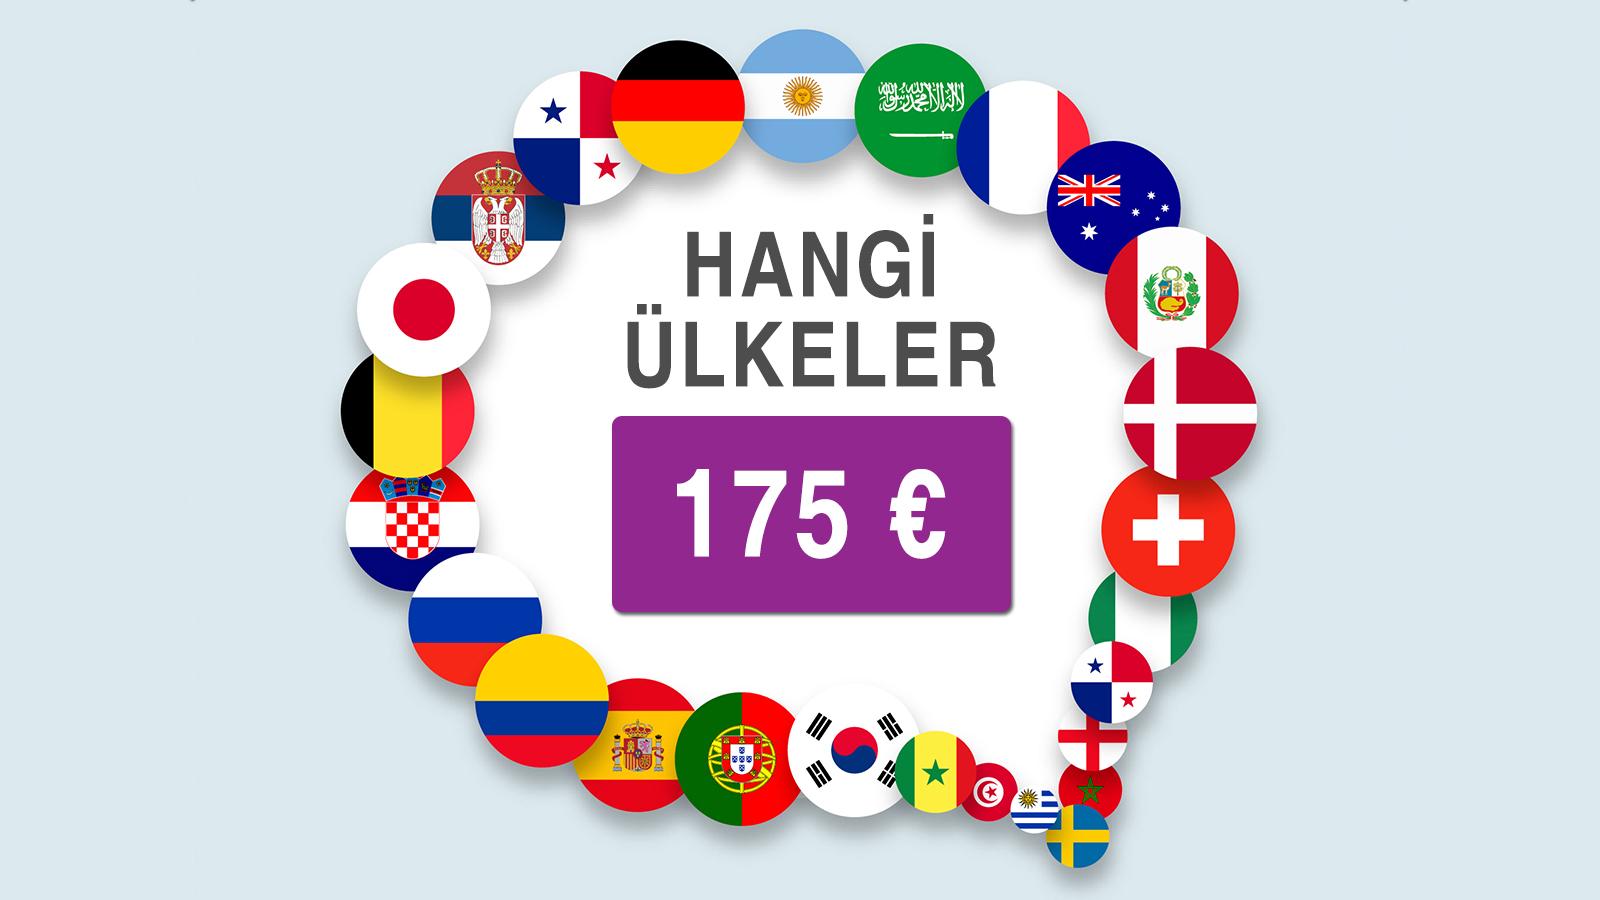 Hangi Ülkeler 175 € ?